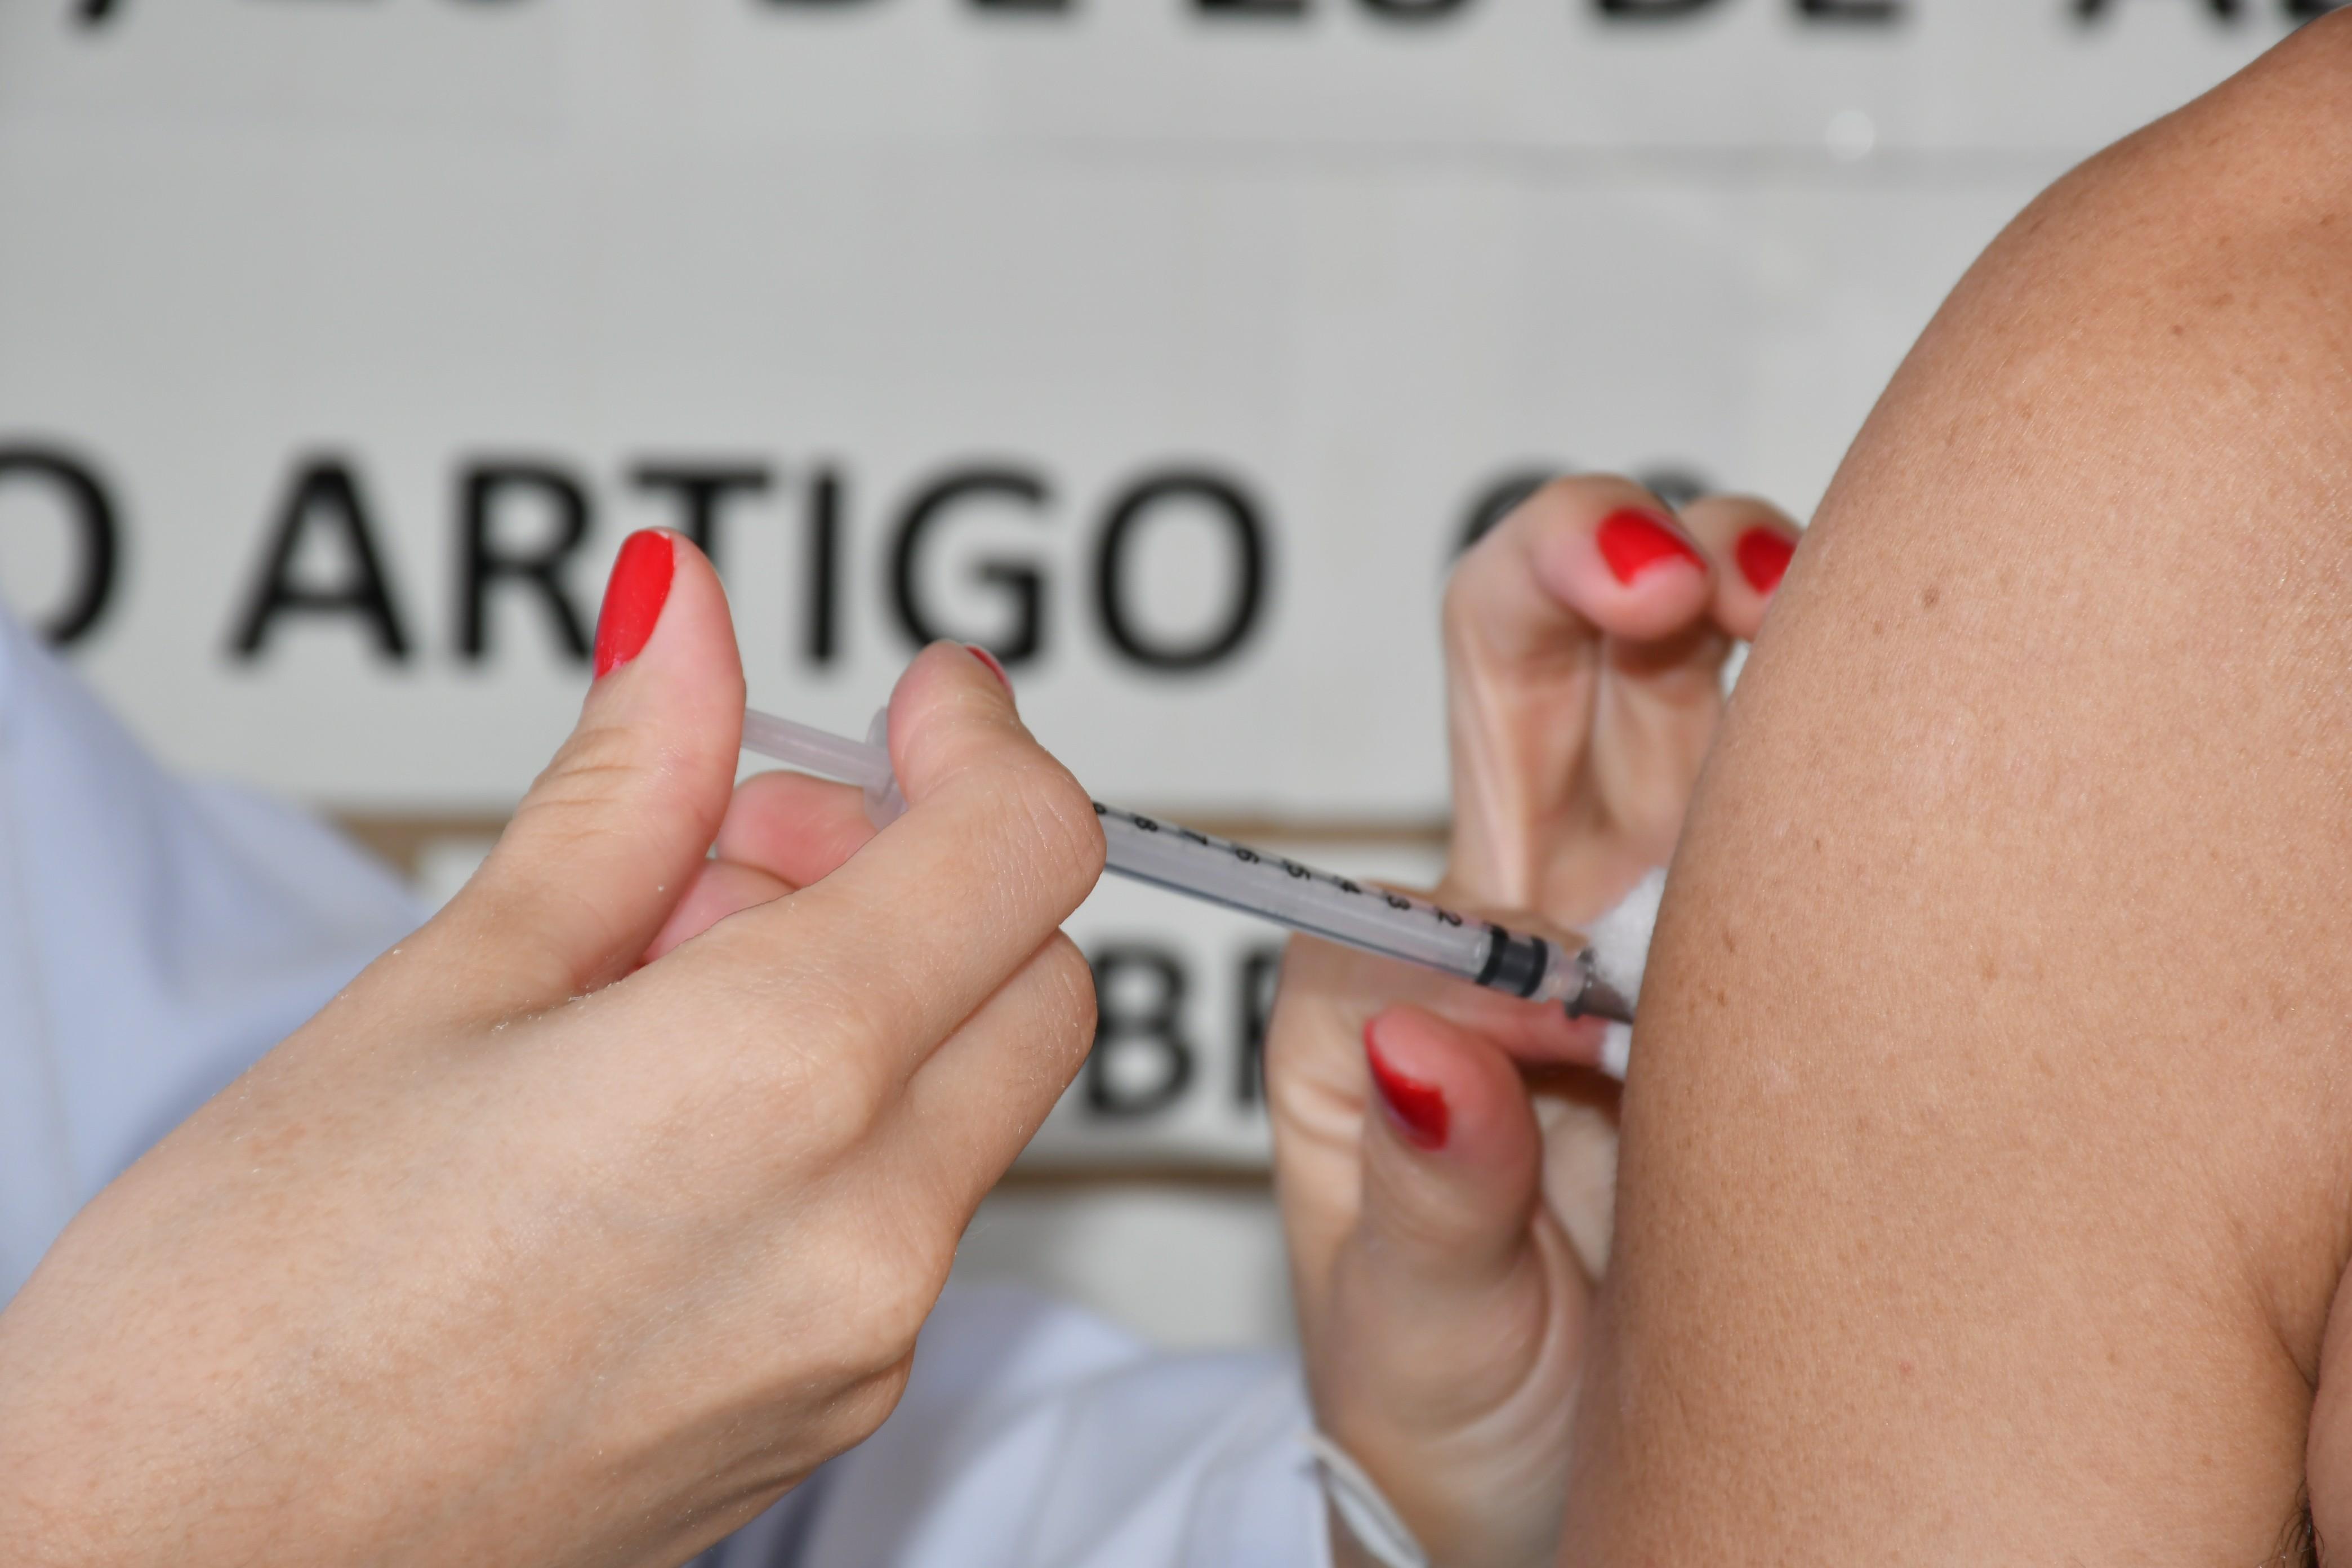 Presidente Prudente segue Estado e mantém vacinação de adolescentes sem comorbidades mesmo após Ministério da Saúde indicar suspensão